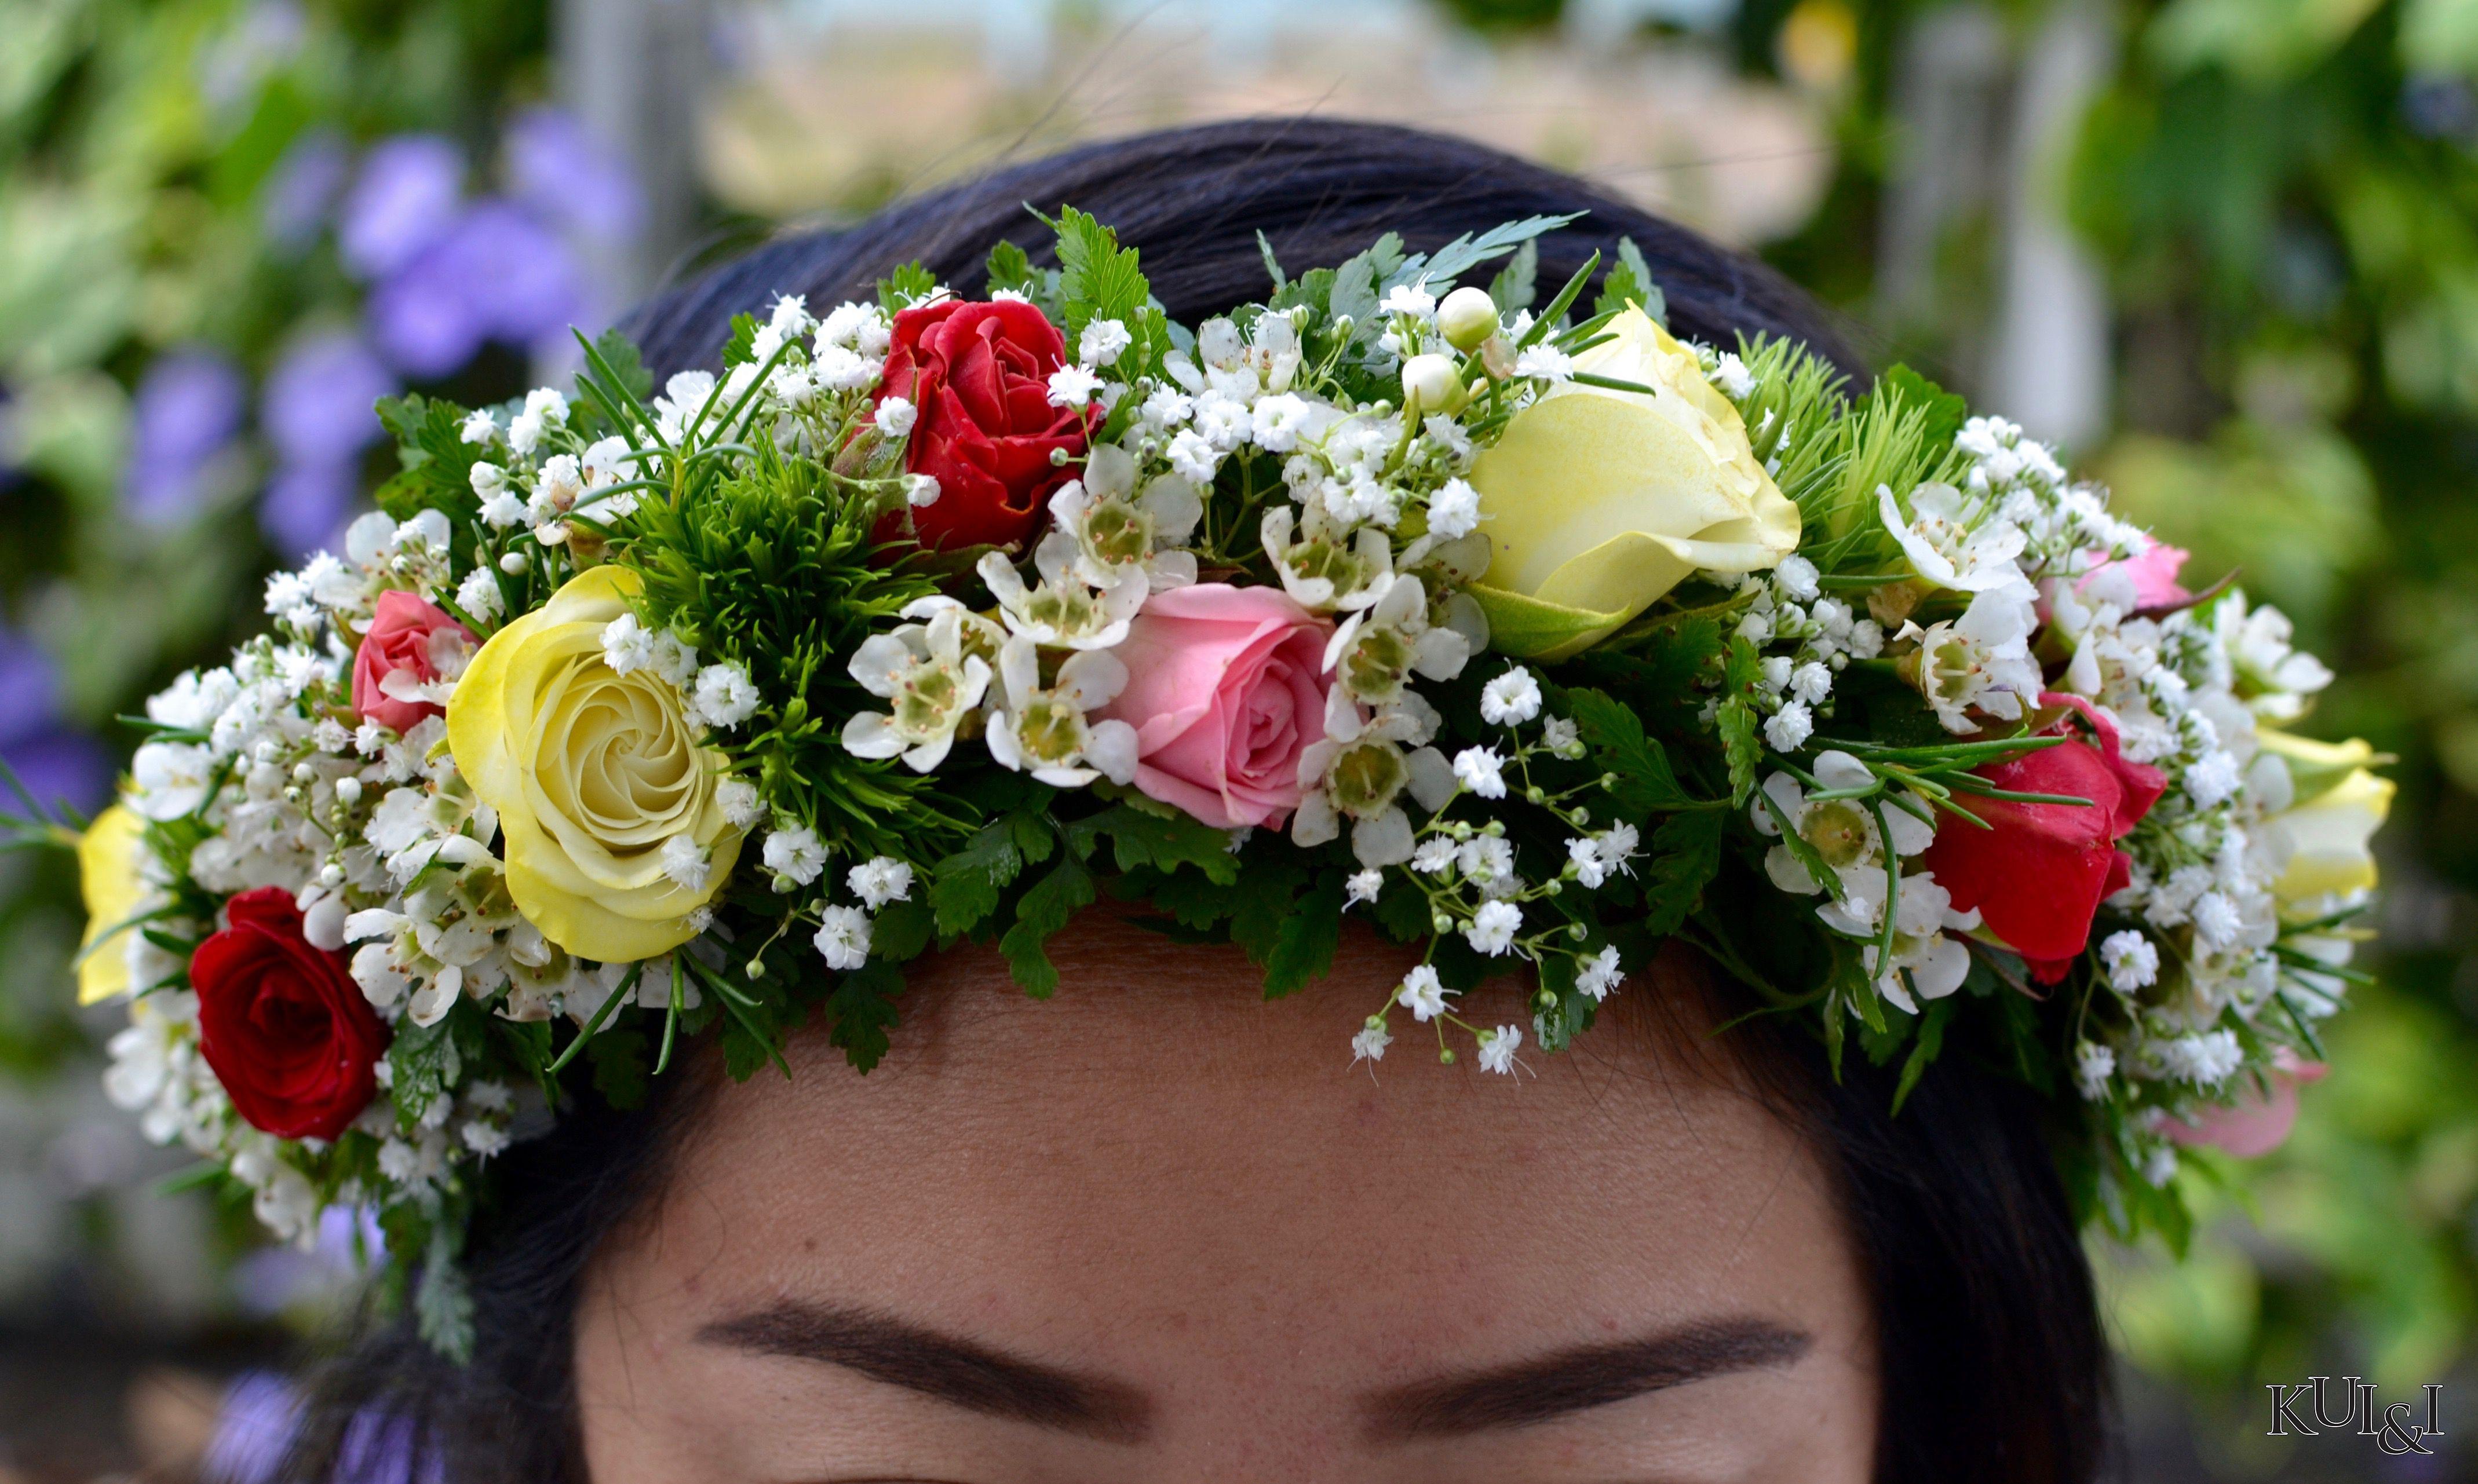 Multicolored Rose Haku Headpiece Kui Amp I Florist Llc Hilo